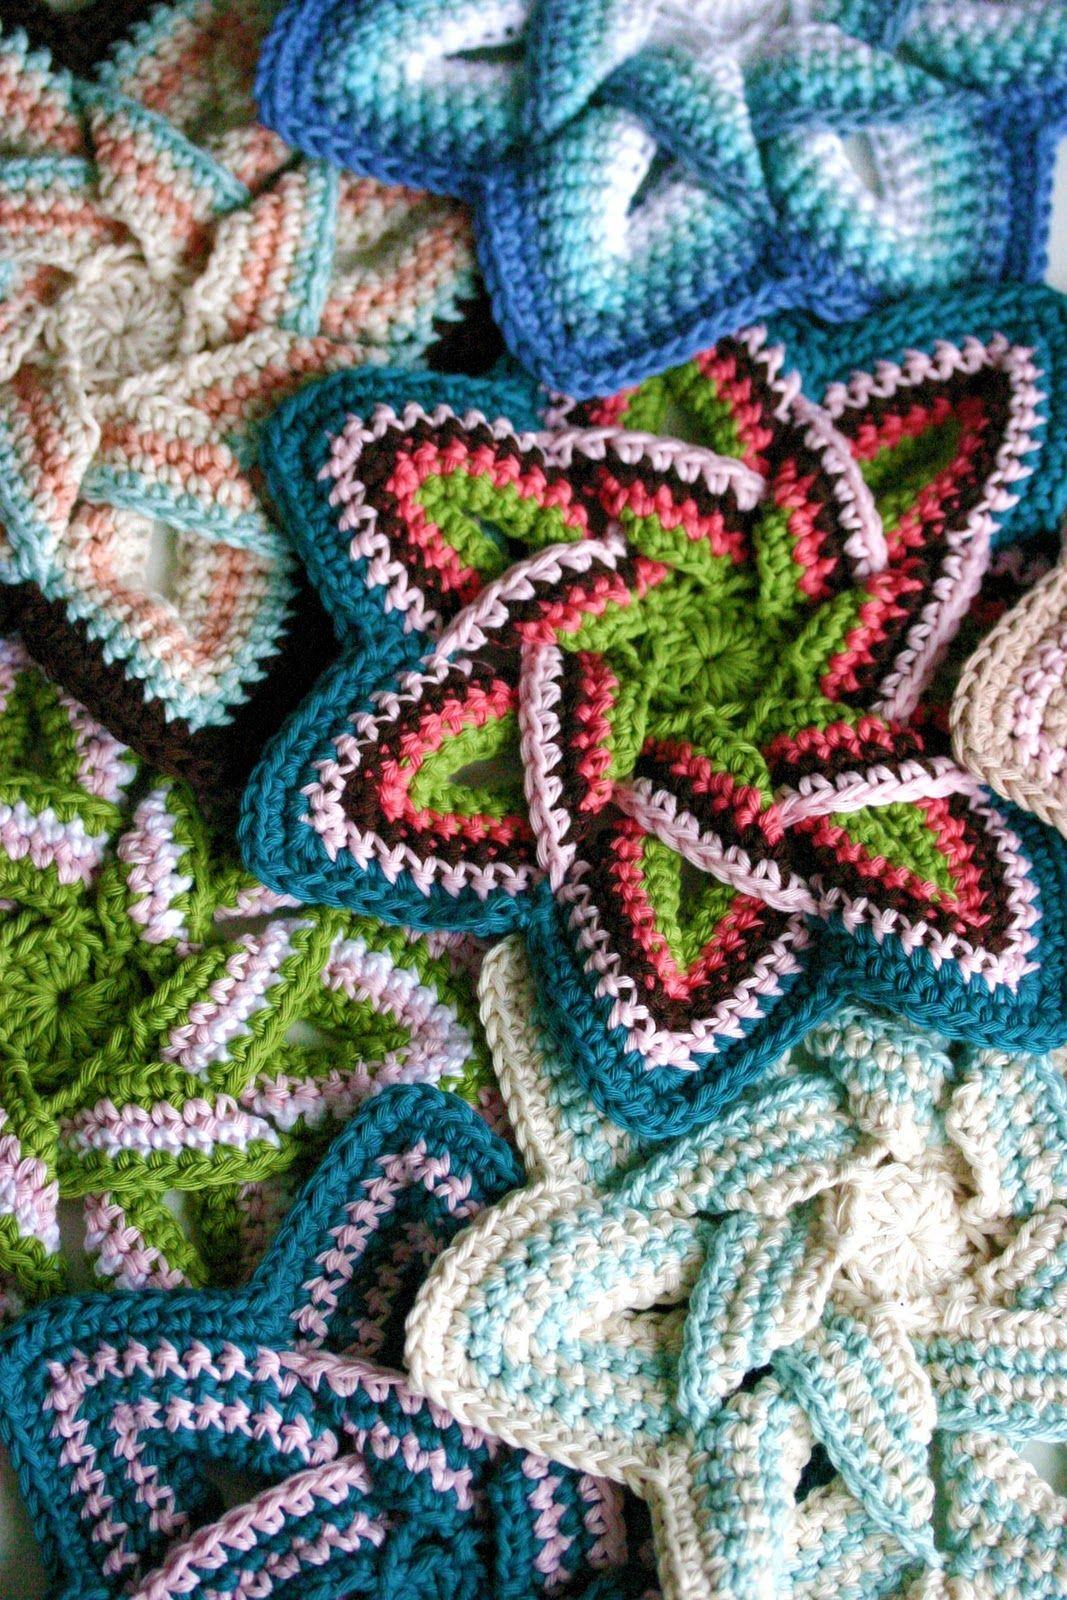 Crochet Flower Hot Pad By FreeCraft Unlimited - Free Crochet Pattern ...